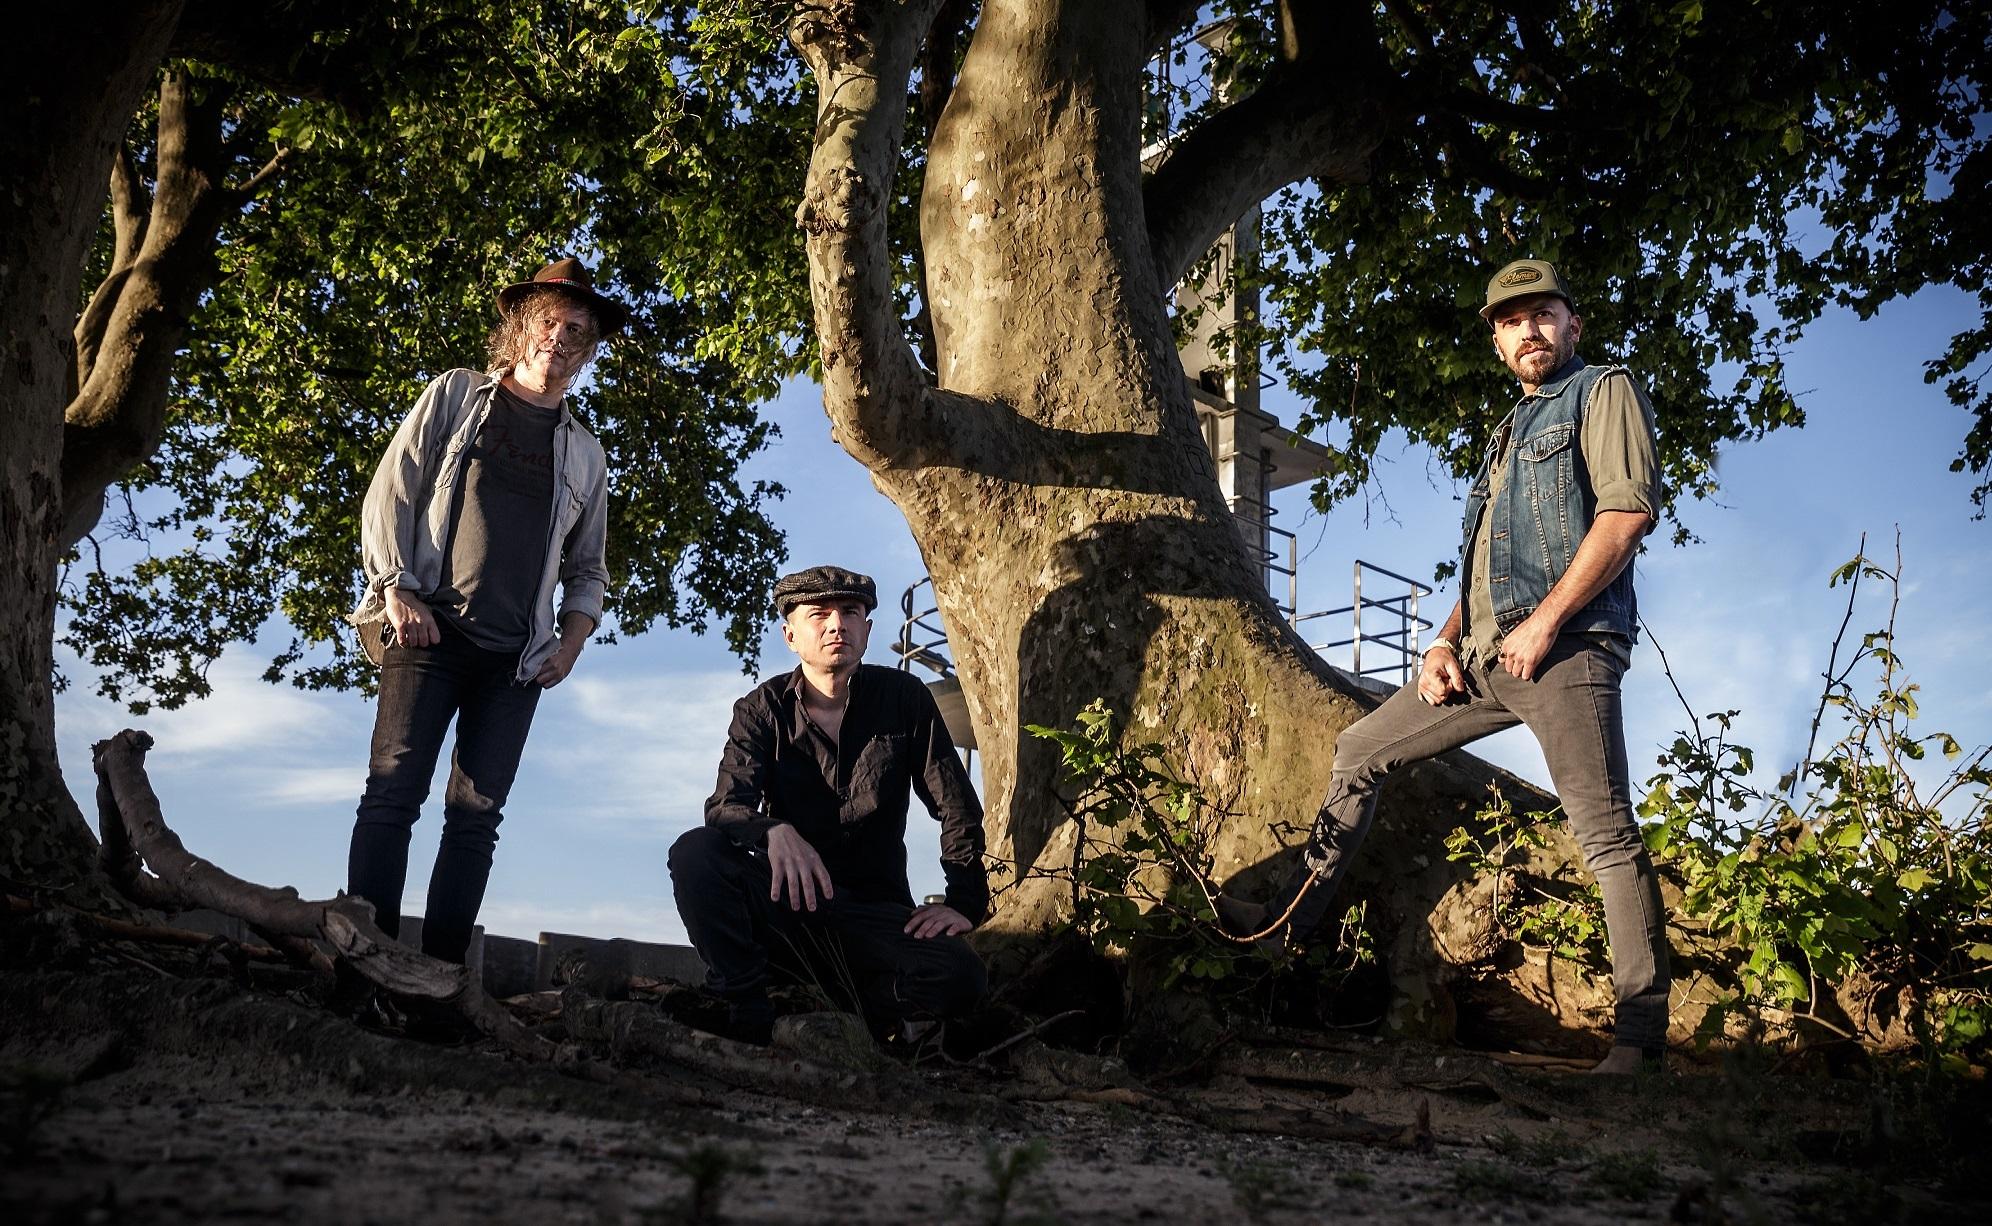 huma-nos-artistas-banda-rock-biografia